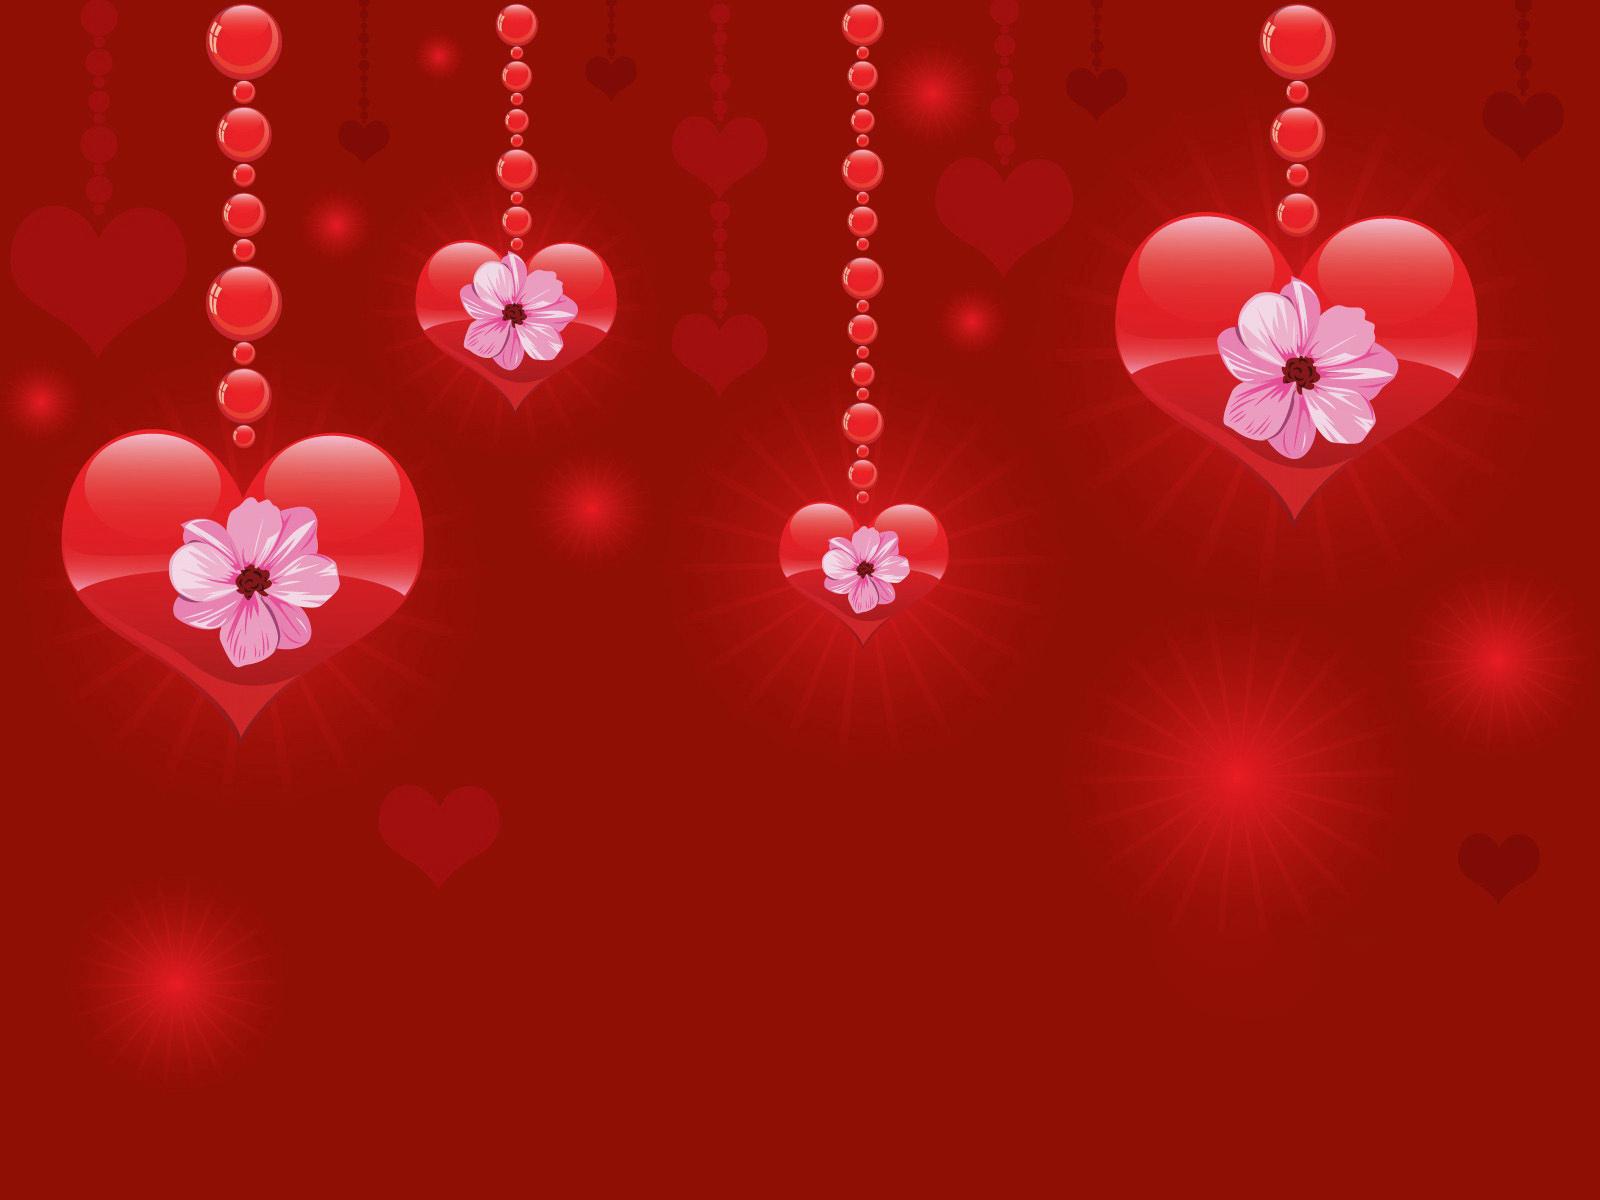 http://3.bp.blogspot.com/-T2gu4rqMqFU/Twgwq4w9tXI/AAAAAAAAB5U/yPM6RXEq614/s1600/valentine%2527s+day+wallpaper+2012-takeaweirdbreak.blogspot.com-Holidays_Saint_Valentines_Day_Heart_at_Valentinov_Day_020455_.jpg